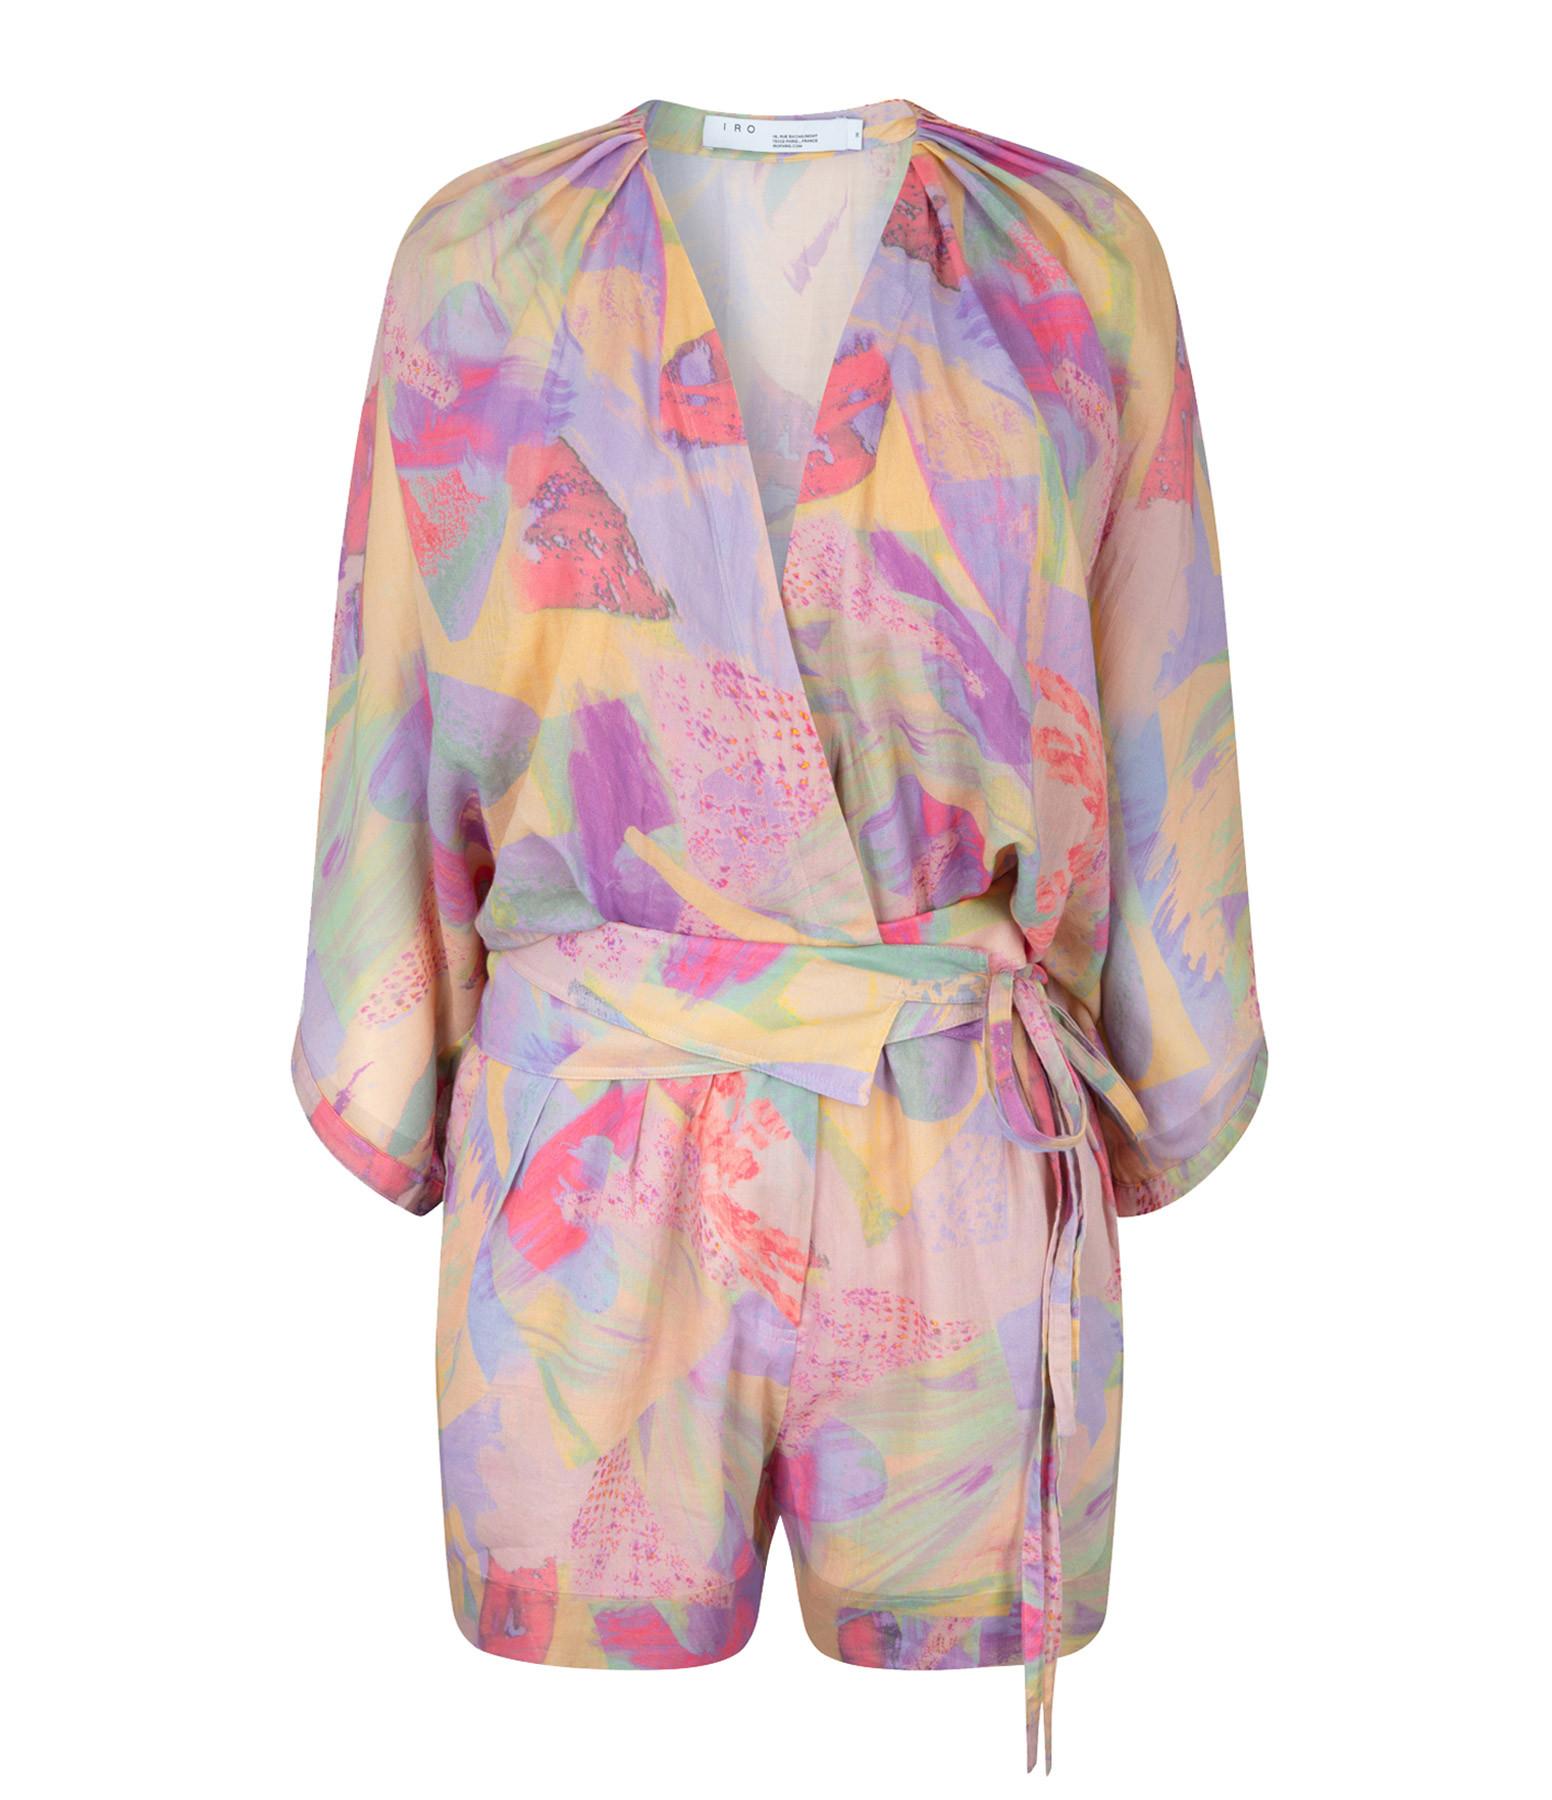 IRO - Combinaison Ceran Coton Multicolore